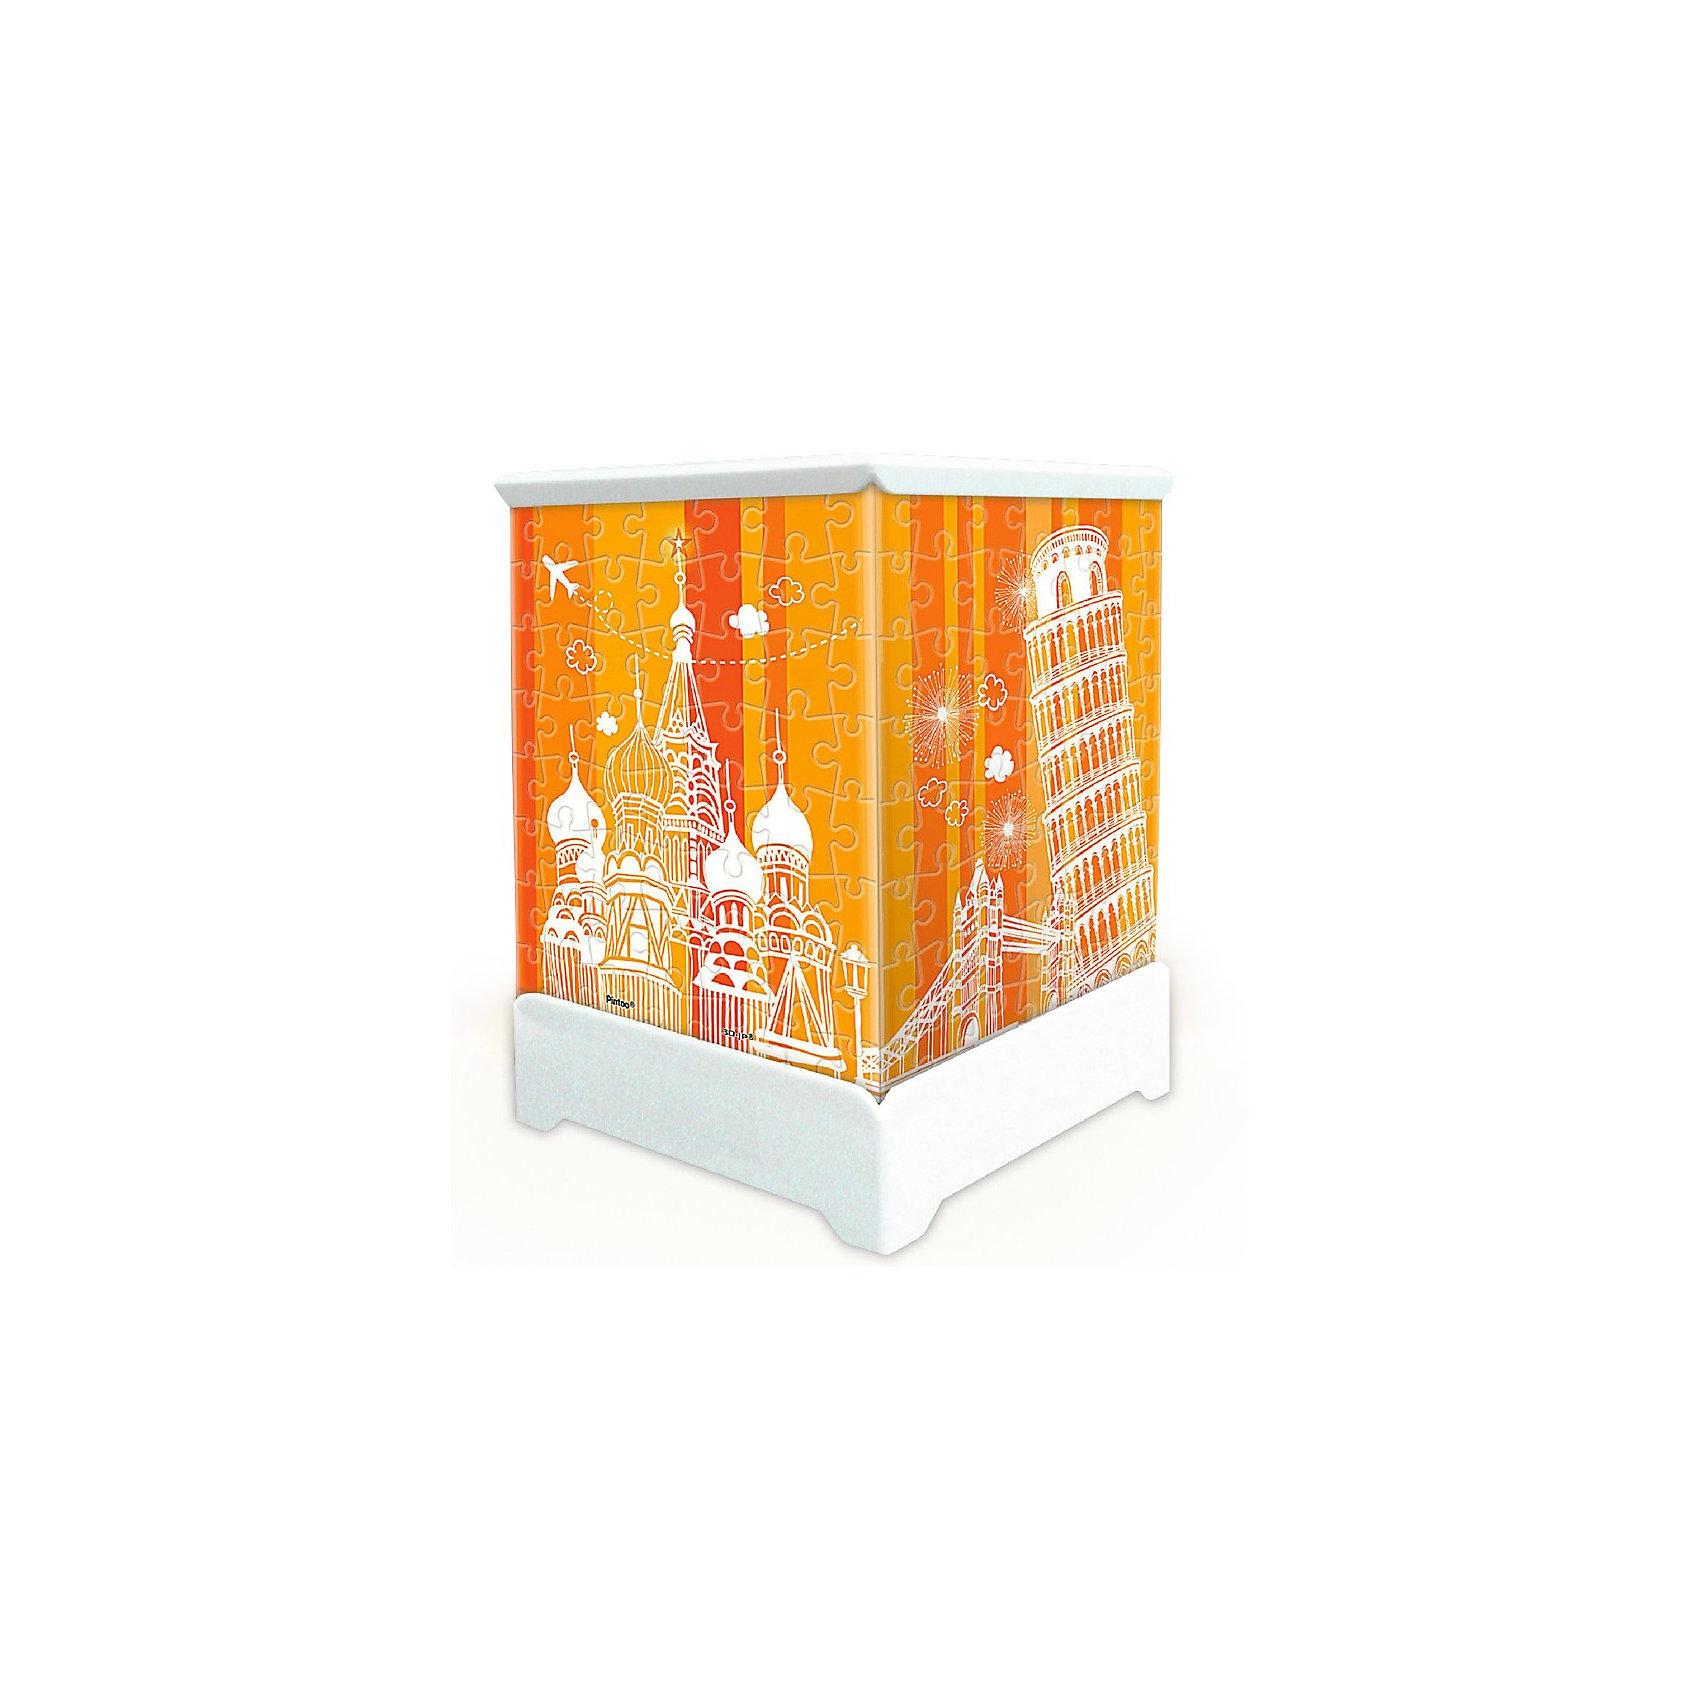 Настольная игра Ночник: Модерн, Сфера-Пазл 3D 192 деталей